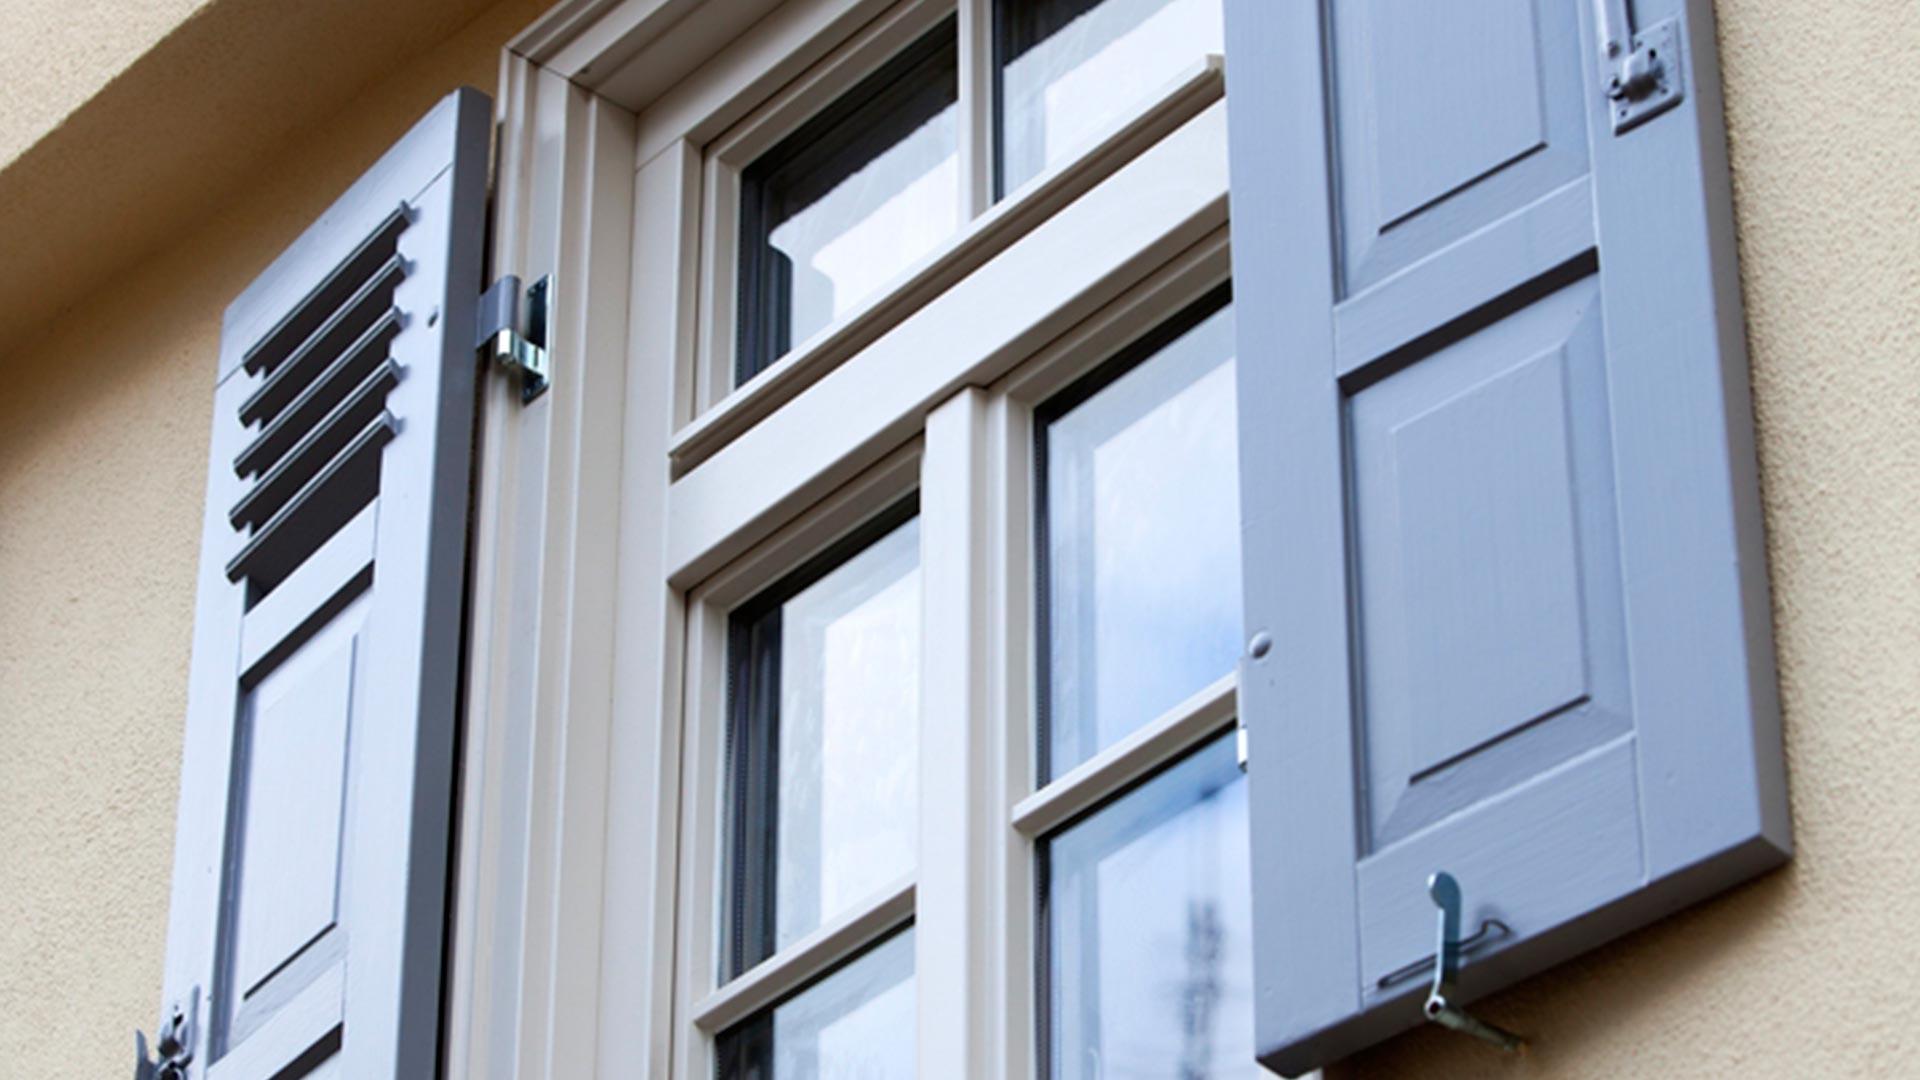 Full Size of Fenster Meeth Sichtschutz Für Polnische Bodentief Mit Sprossen Bodentiefe Schüco Kaufen Auf Maß Alarmanlage Klebefolie Einbruchsichere Erneuern Einbauen Fenster Fenster Erneuern